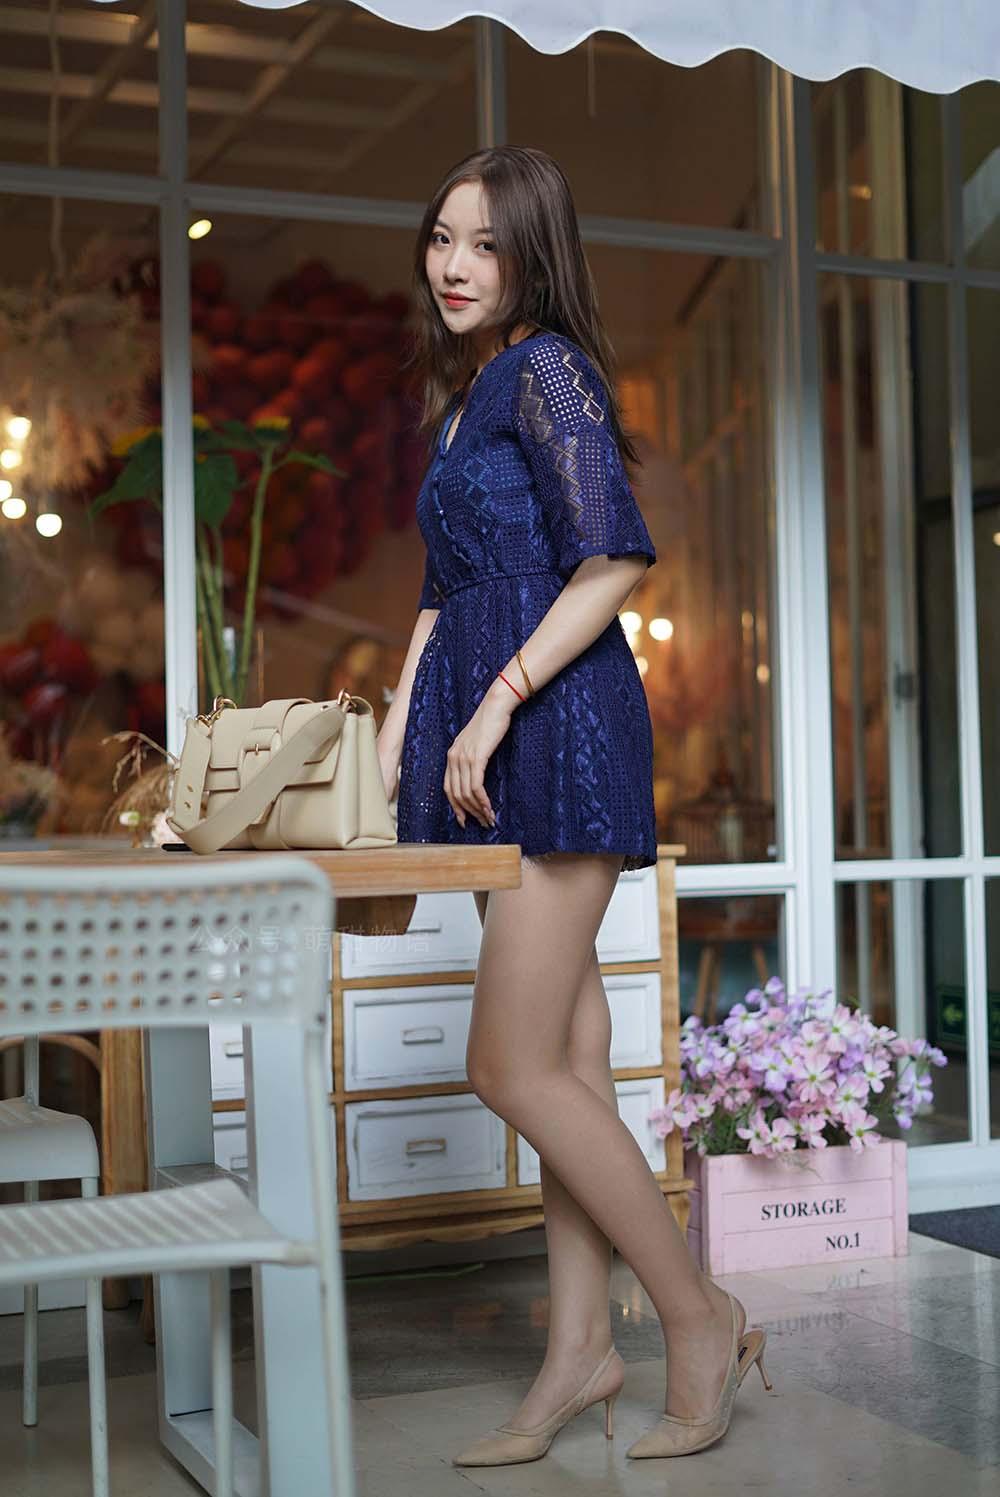 [萌甜物语]XM108《令人欣怡的蓝裙子-欣怡》[/168MB]